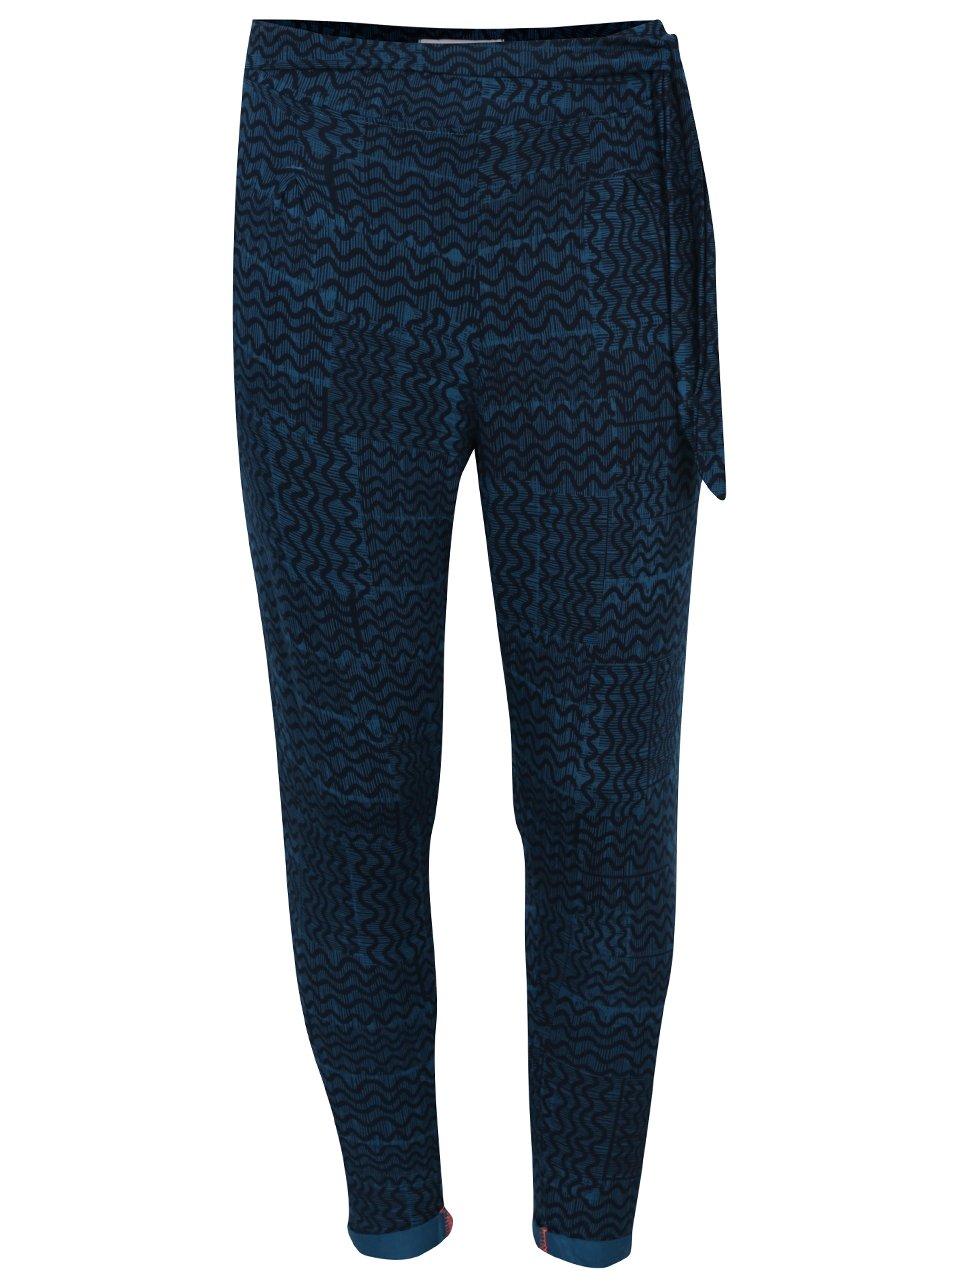 Černo-modré holčičí vzorované volné kalhoty se zavazováním v pase 5.10.15.